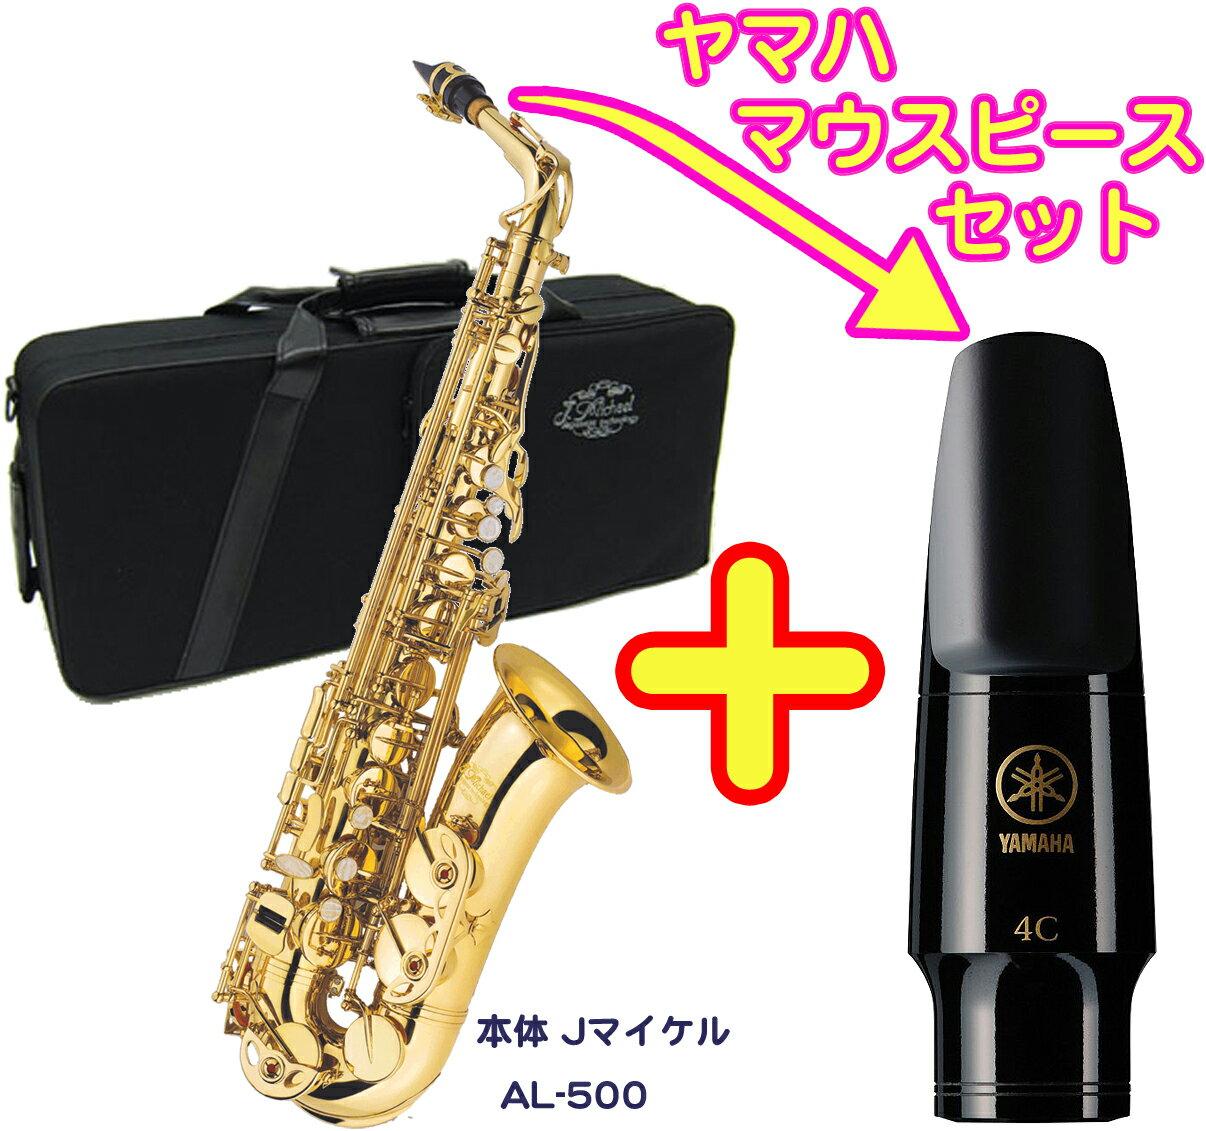 ヤマハ マウスピース + Jマイケル アルトサックス AL-500 アウトレット 新品 初心者 おすすめ サックス 送料無料(条件付) 管楽器 本体 管体 ゴールド J.Michael Alto Saxophones AL500 gold & YAMAHA AS-4C アルトサックス用マウスピース